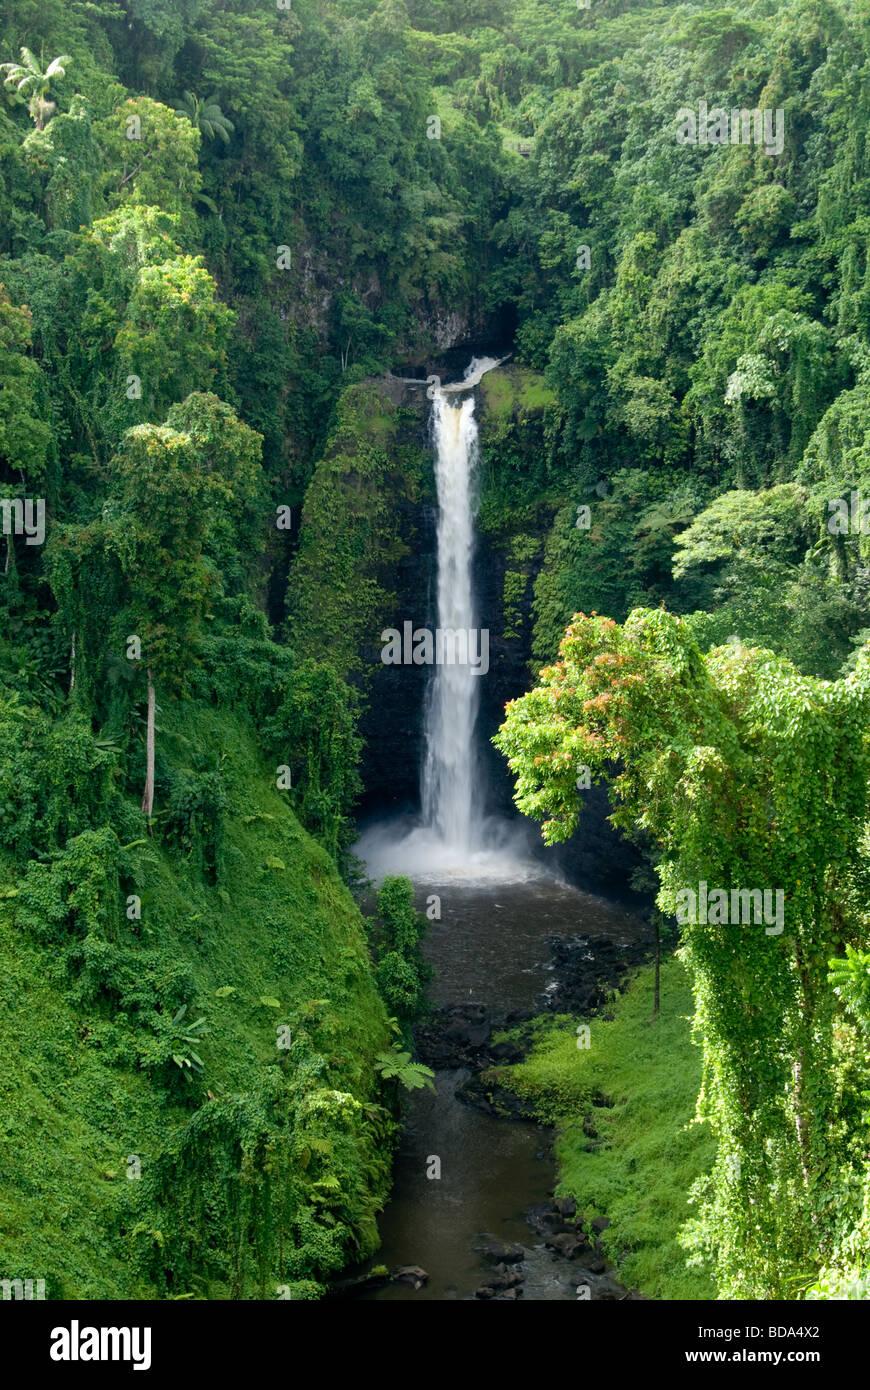 Sopoaga Falls, Upolu Island, Western Samoa - Stock Image